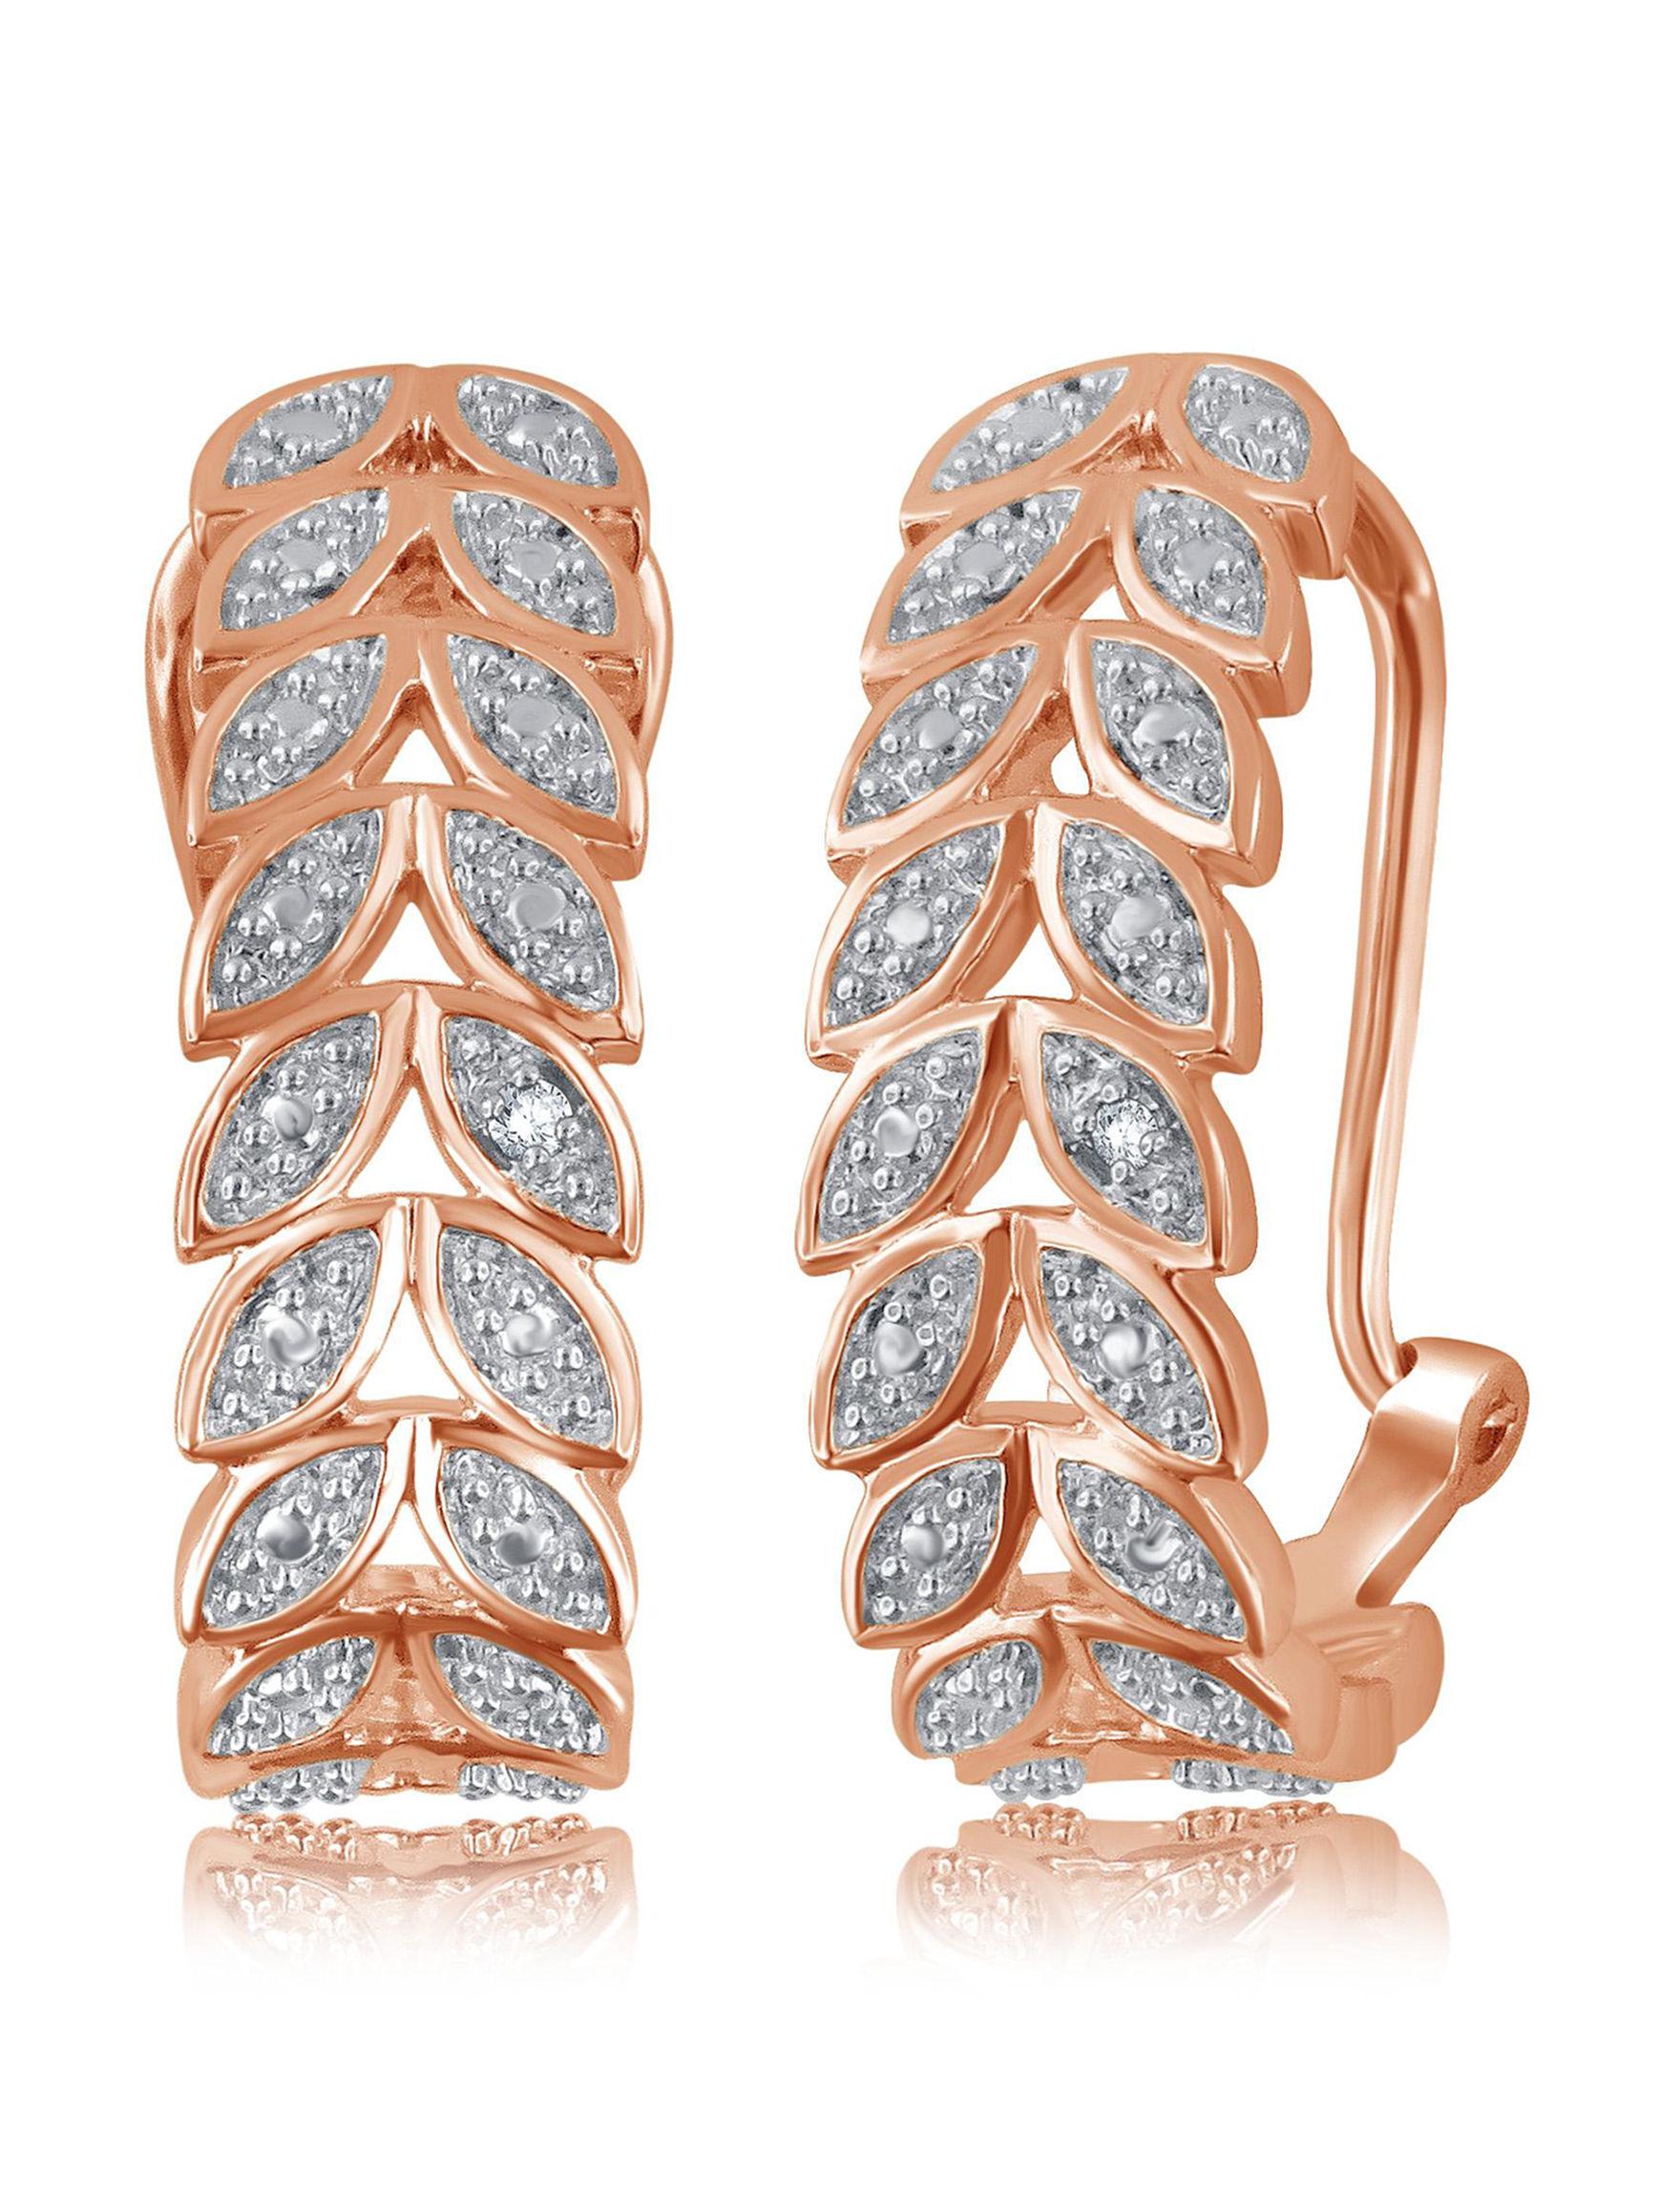 Brilliant Diamond Rose Gold Hoops Earrings Fine Jewelry